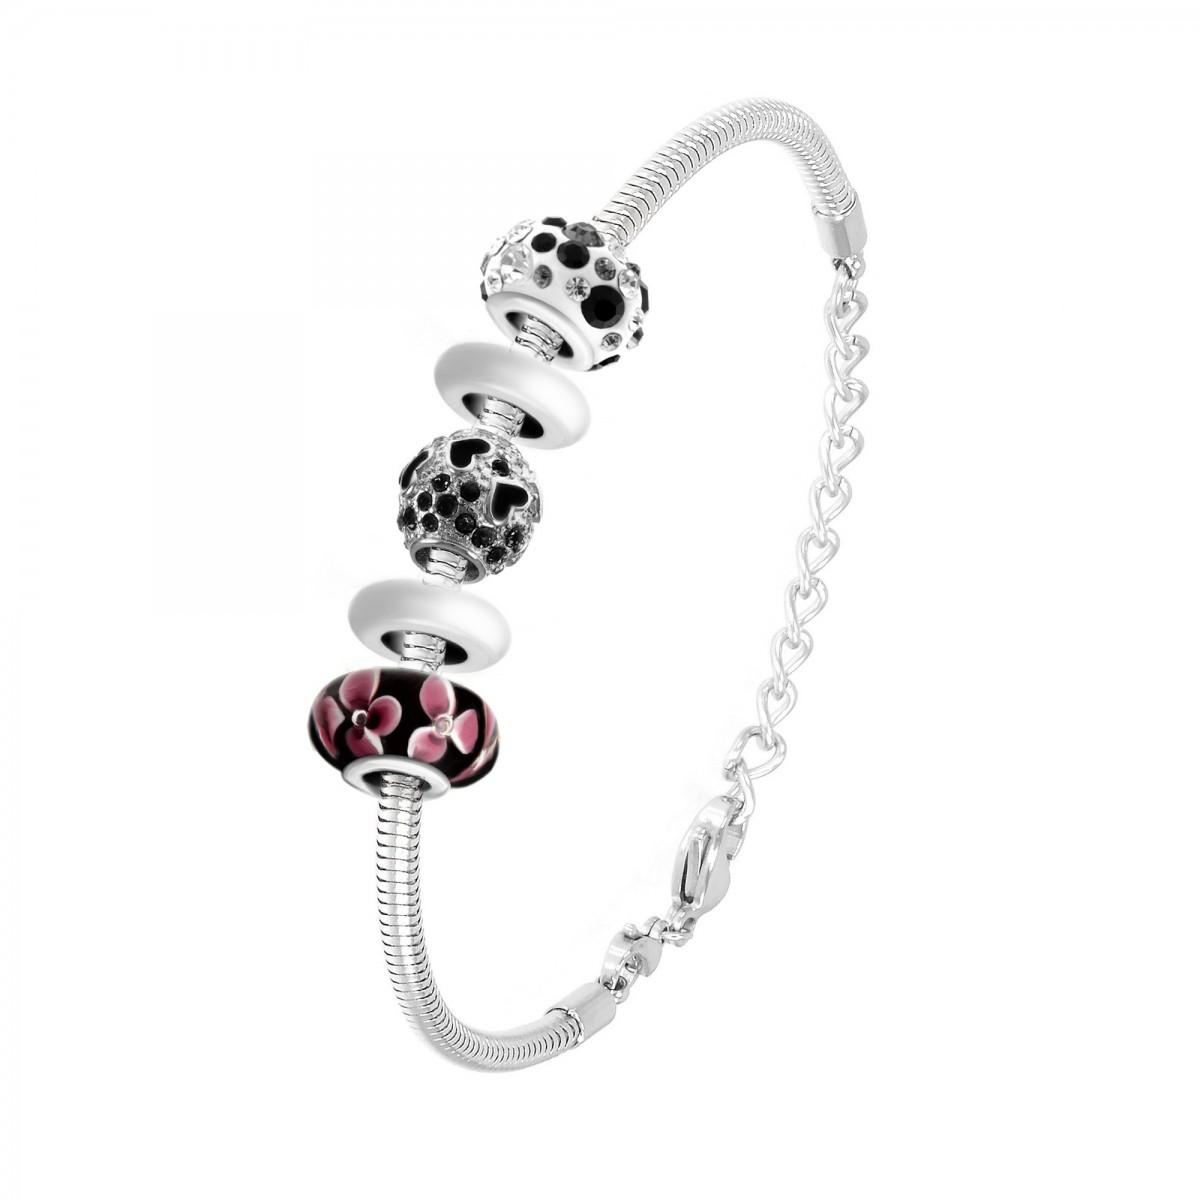 Bracelet de charms perles noirs et acier So Charm